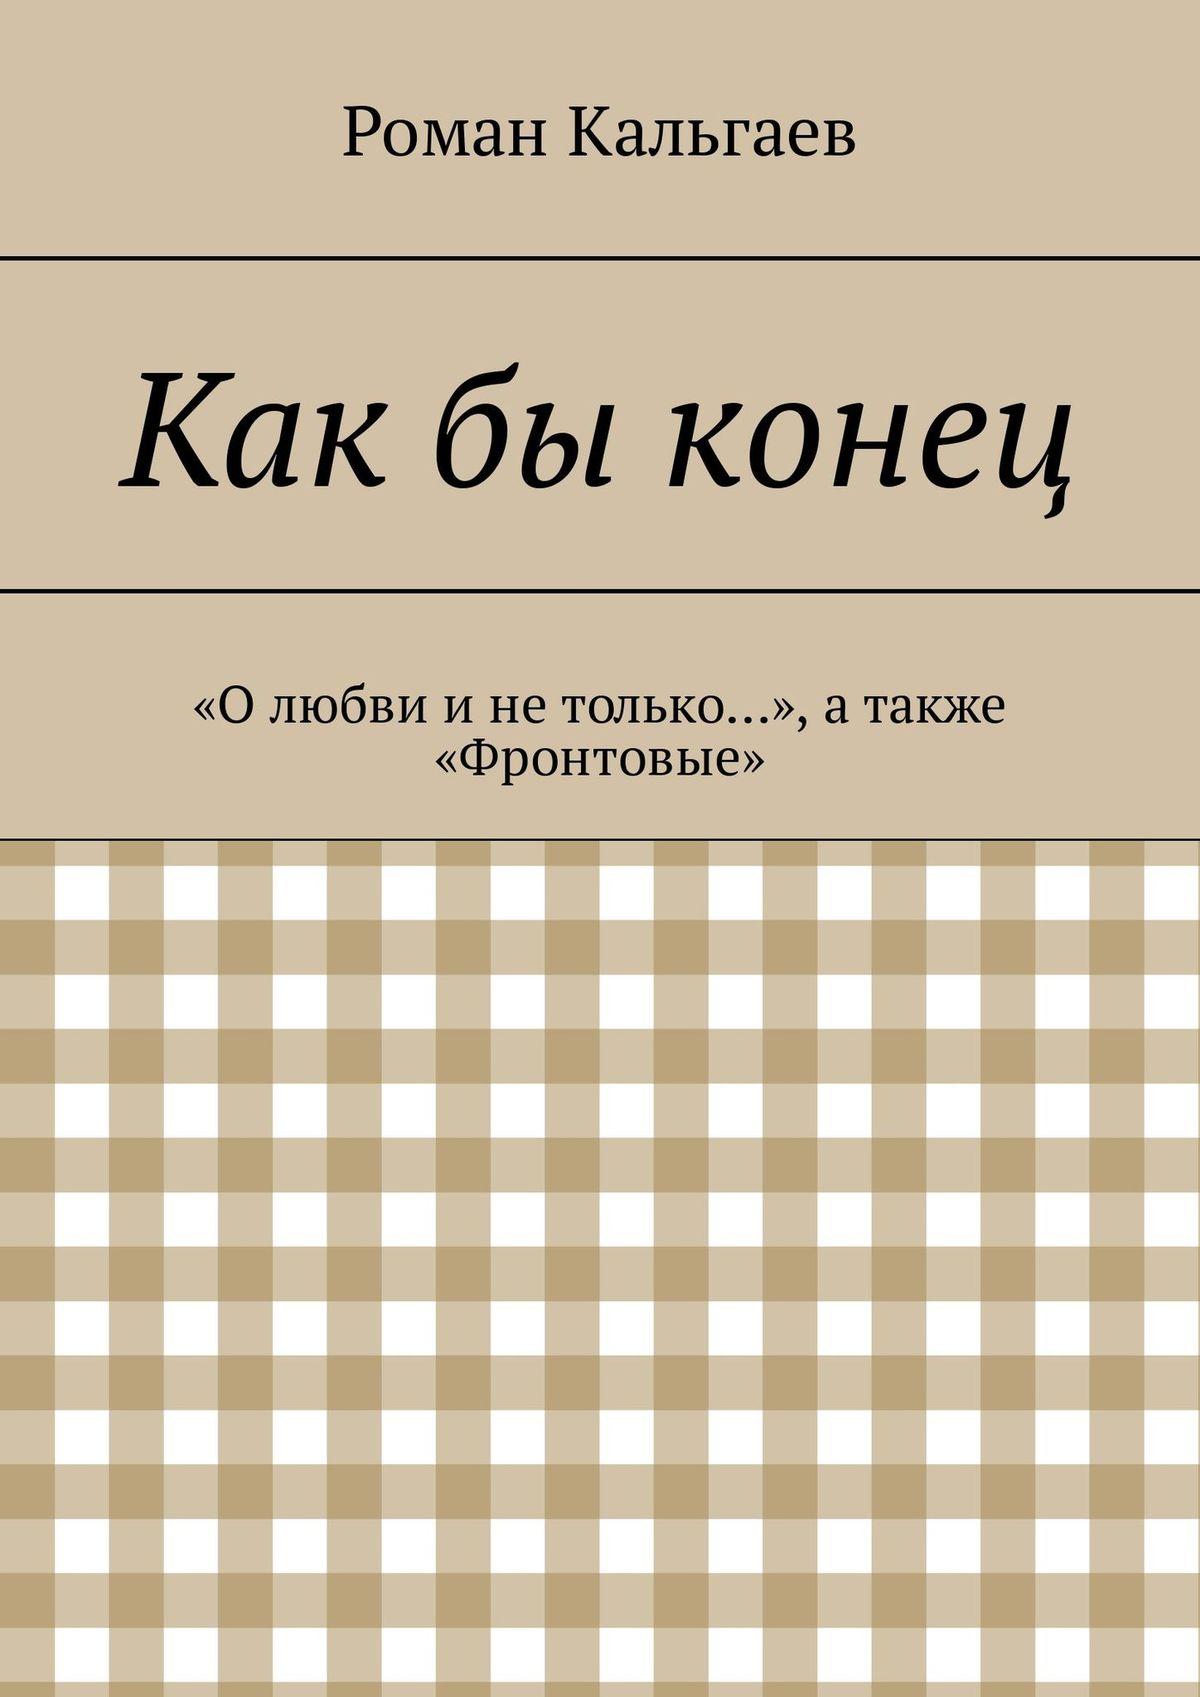 Роман Кальгаев Какбы конец. «Олюбви инетолько…», атакже «Фронтовые» цены